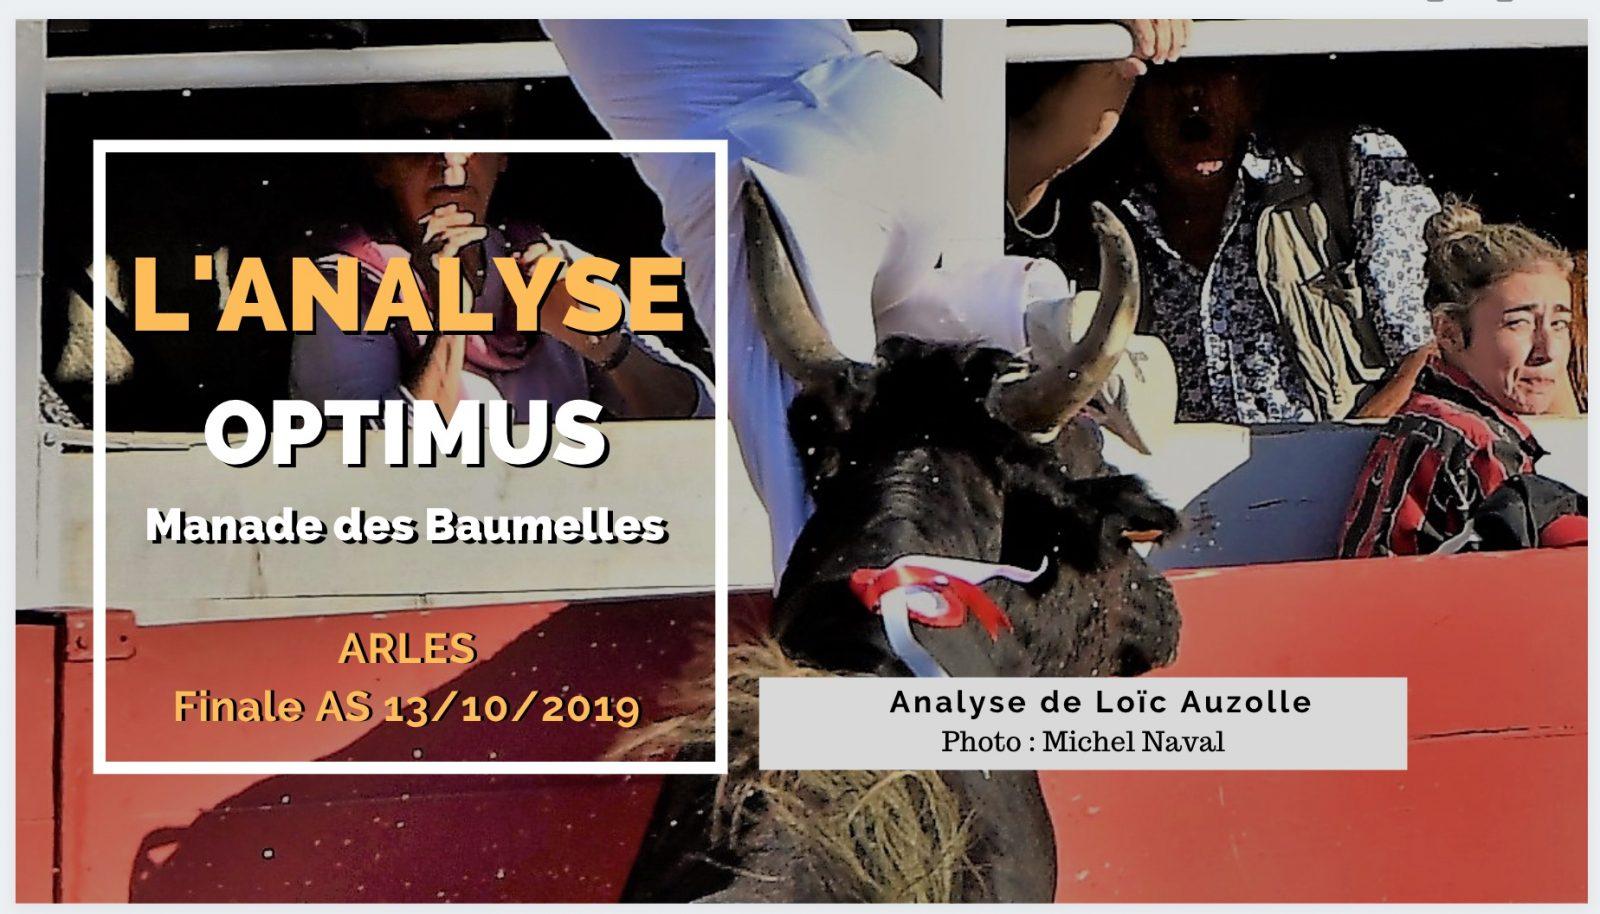 L'ANALYSE – Optimus (Baumelles) – Finale AS Arles 13/10/2019